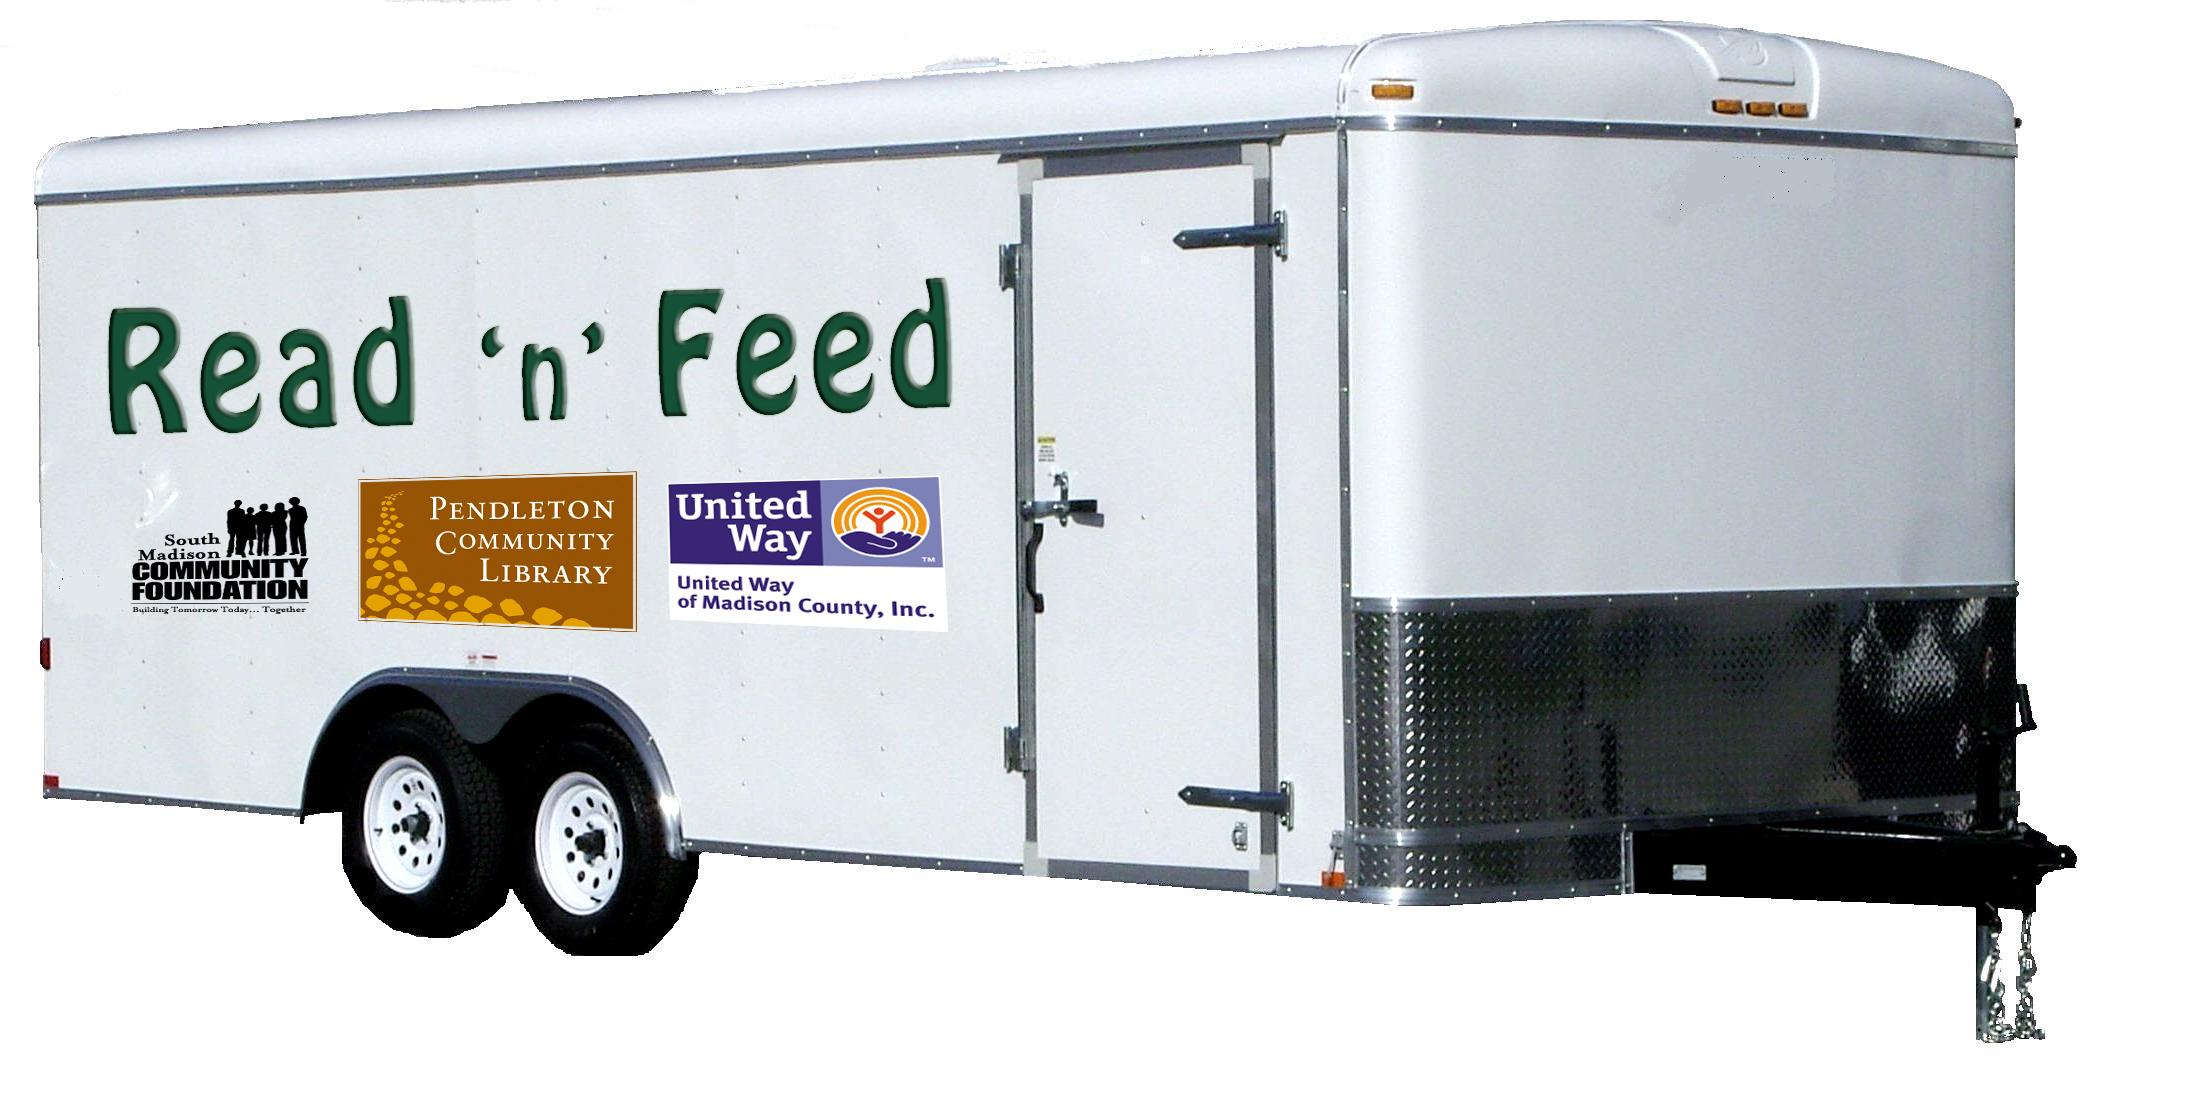 Read n Feed